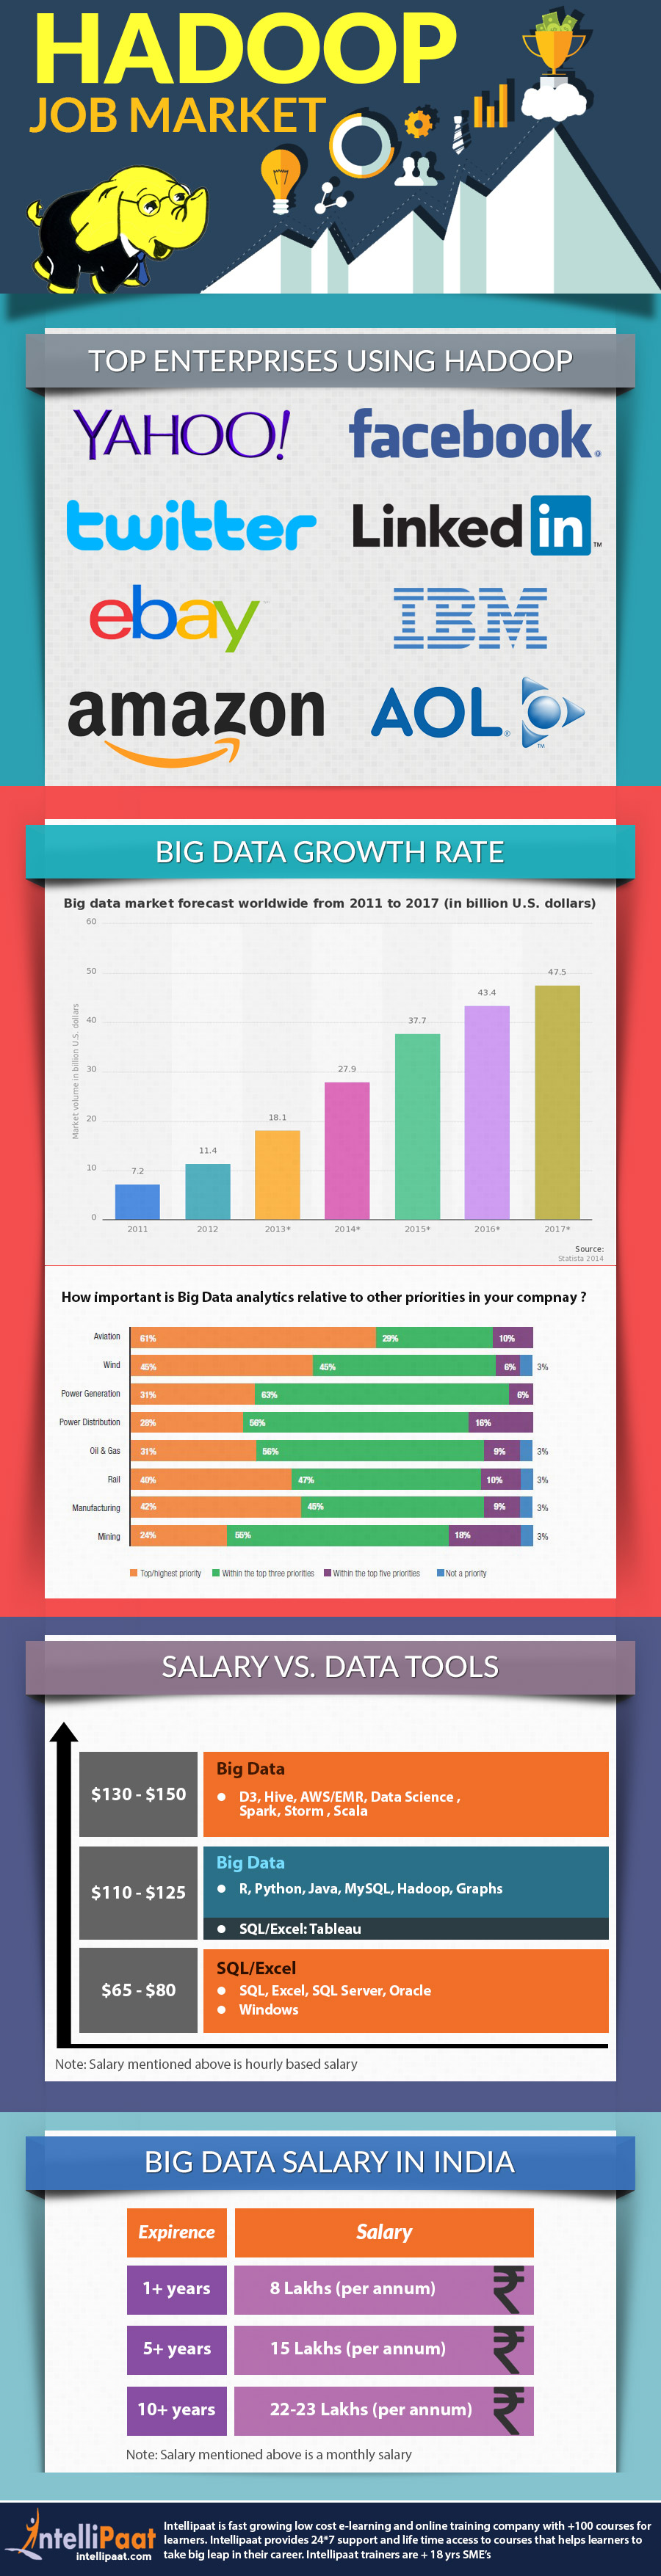 Hadoop-Job-Market-infographics